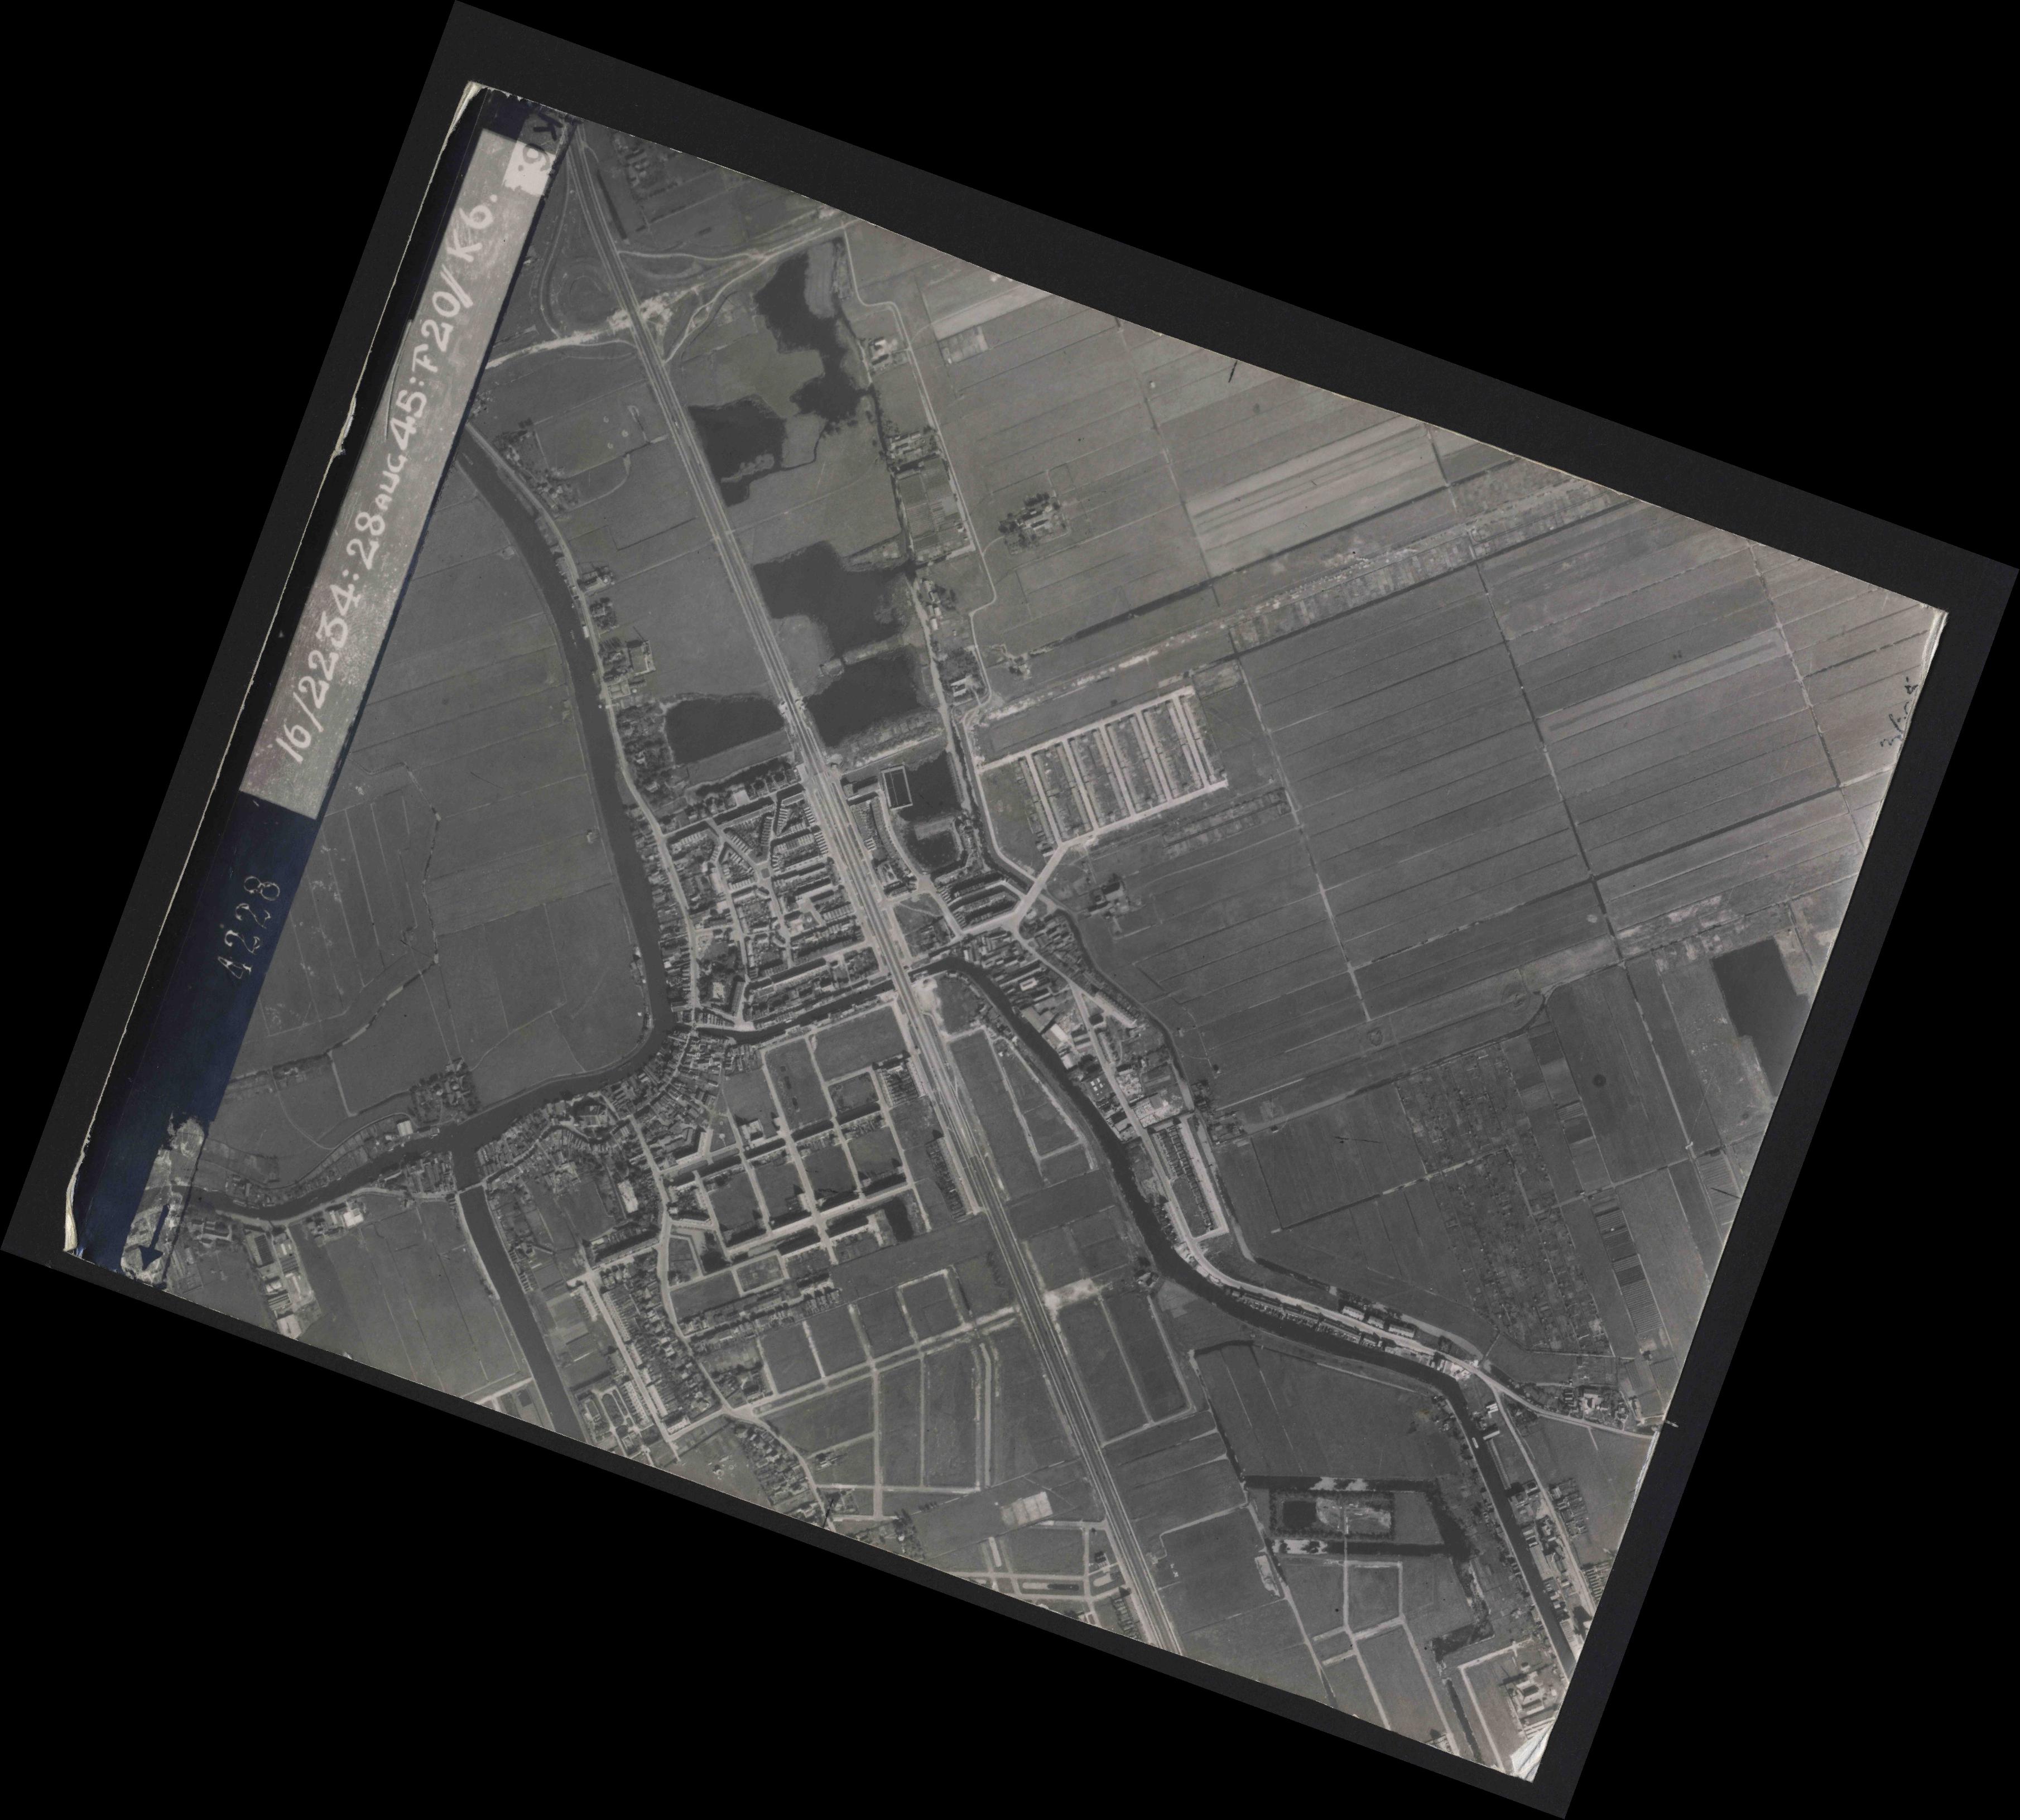 Collection RAF aerial photos 1940-1945 - flight 031, run 01, photo 4228